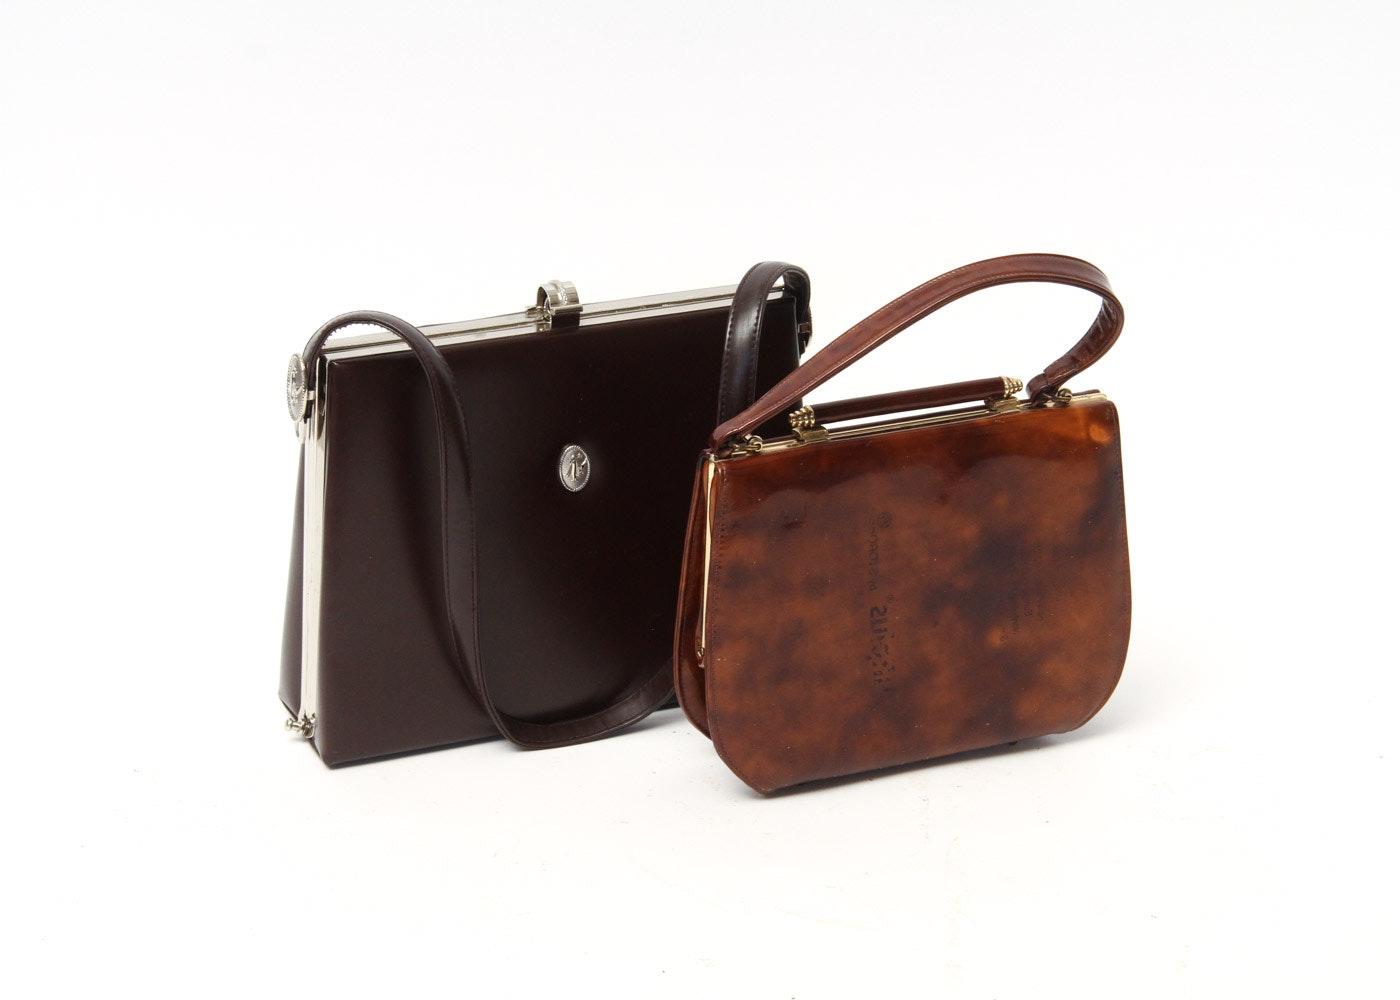 Pair of Vintage Handbags